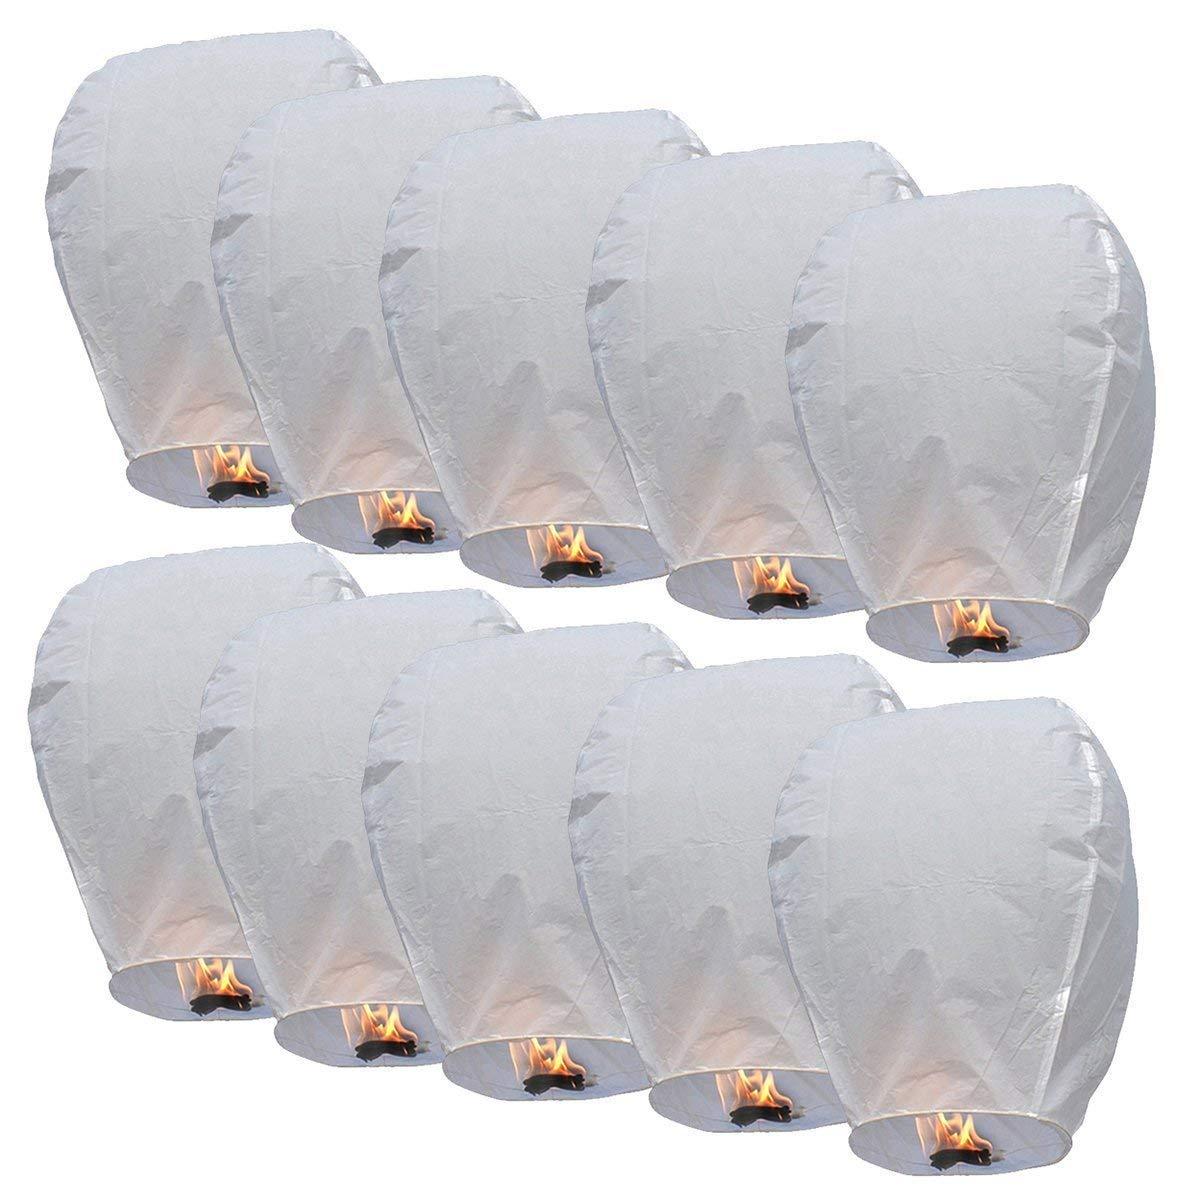 Lanternes Chinoises Kong Ming en Papier Respectueuse de l'Environnement Veille de Noël Nouvel An Mariage Fêtes Lot de 10